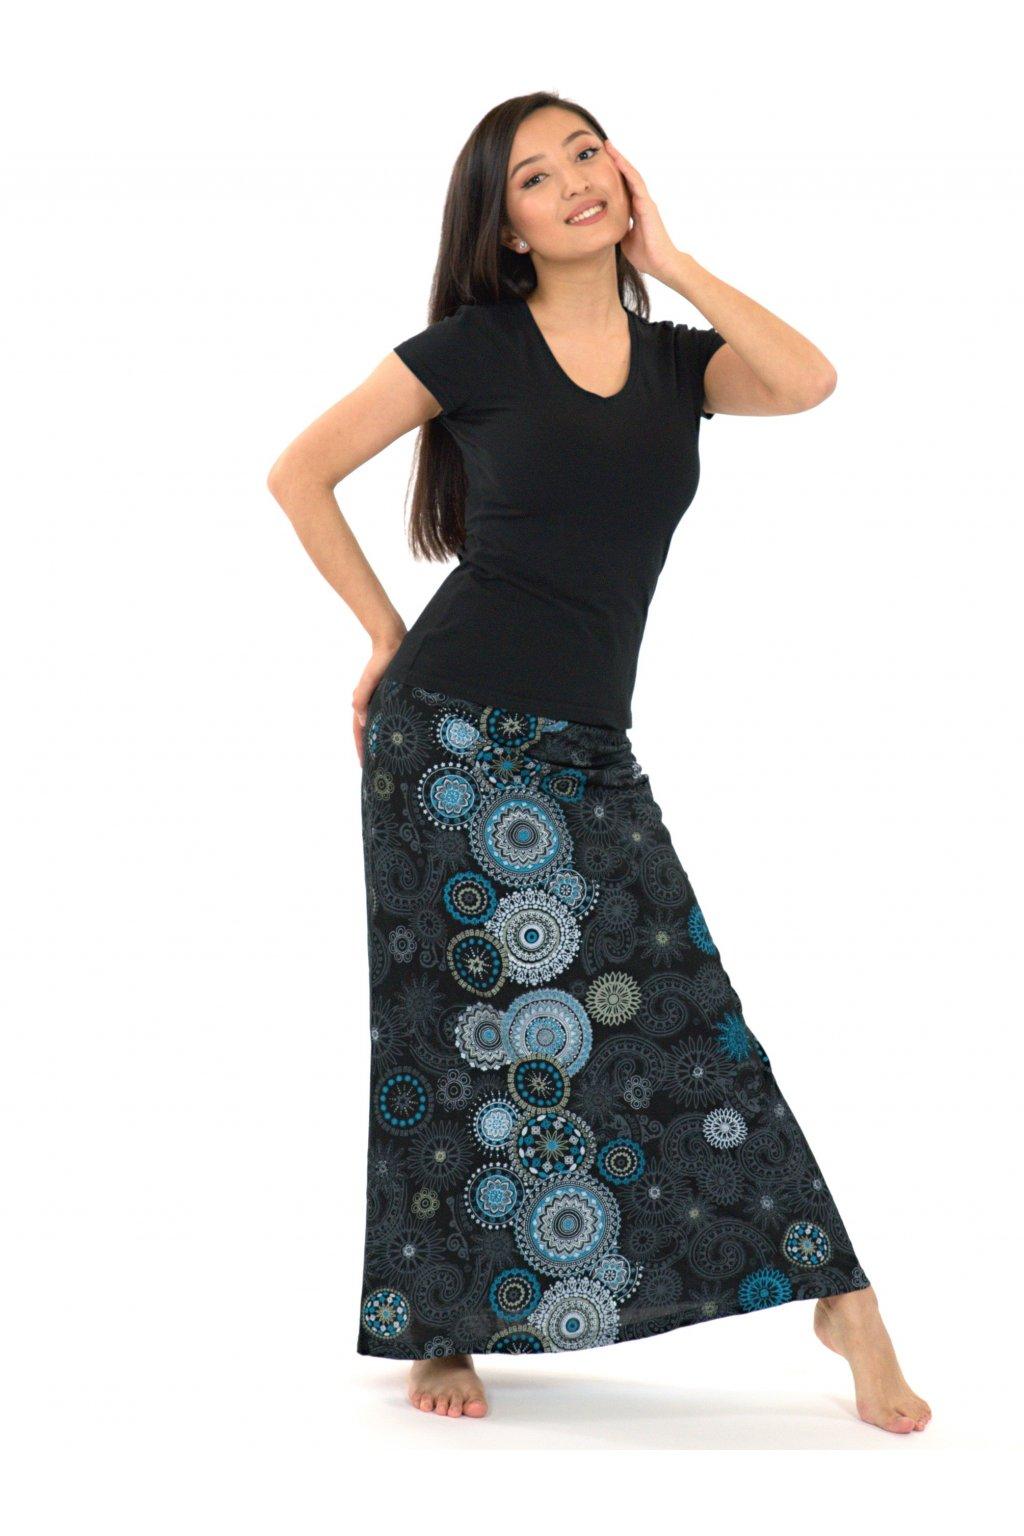 Dlouhá sukně Savai - černá s tyrkysovou